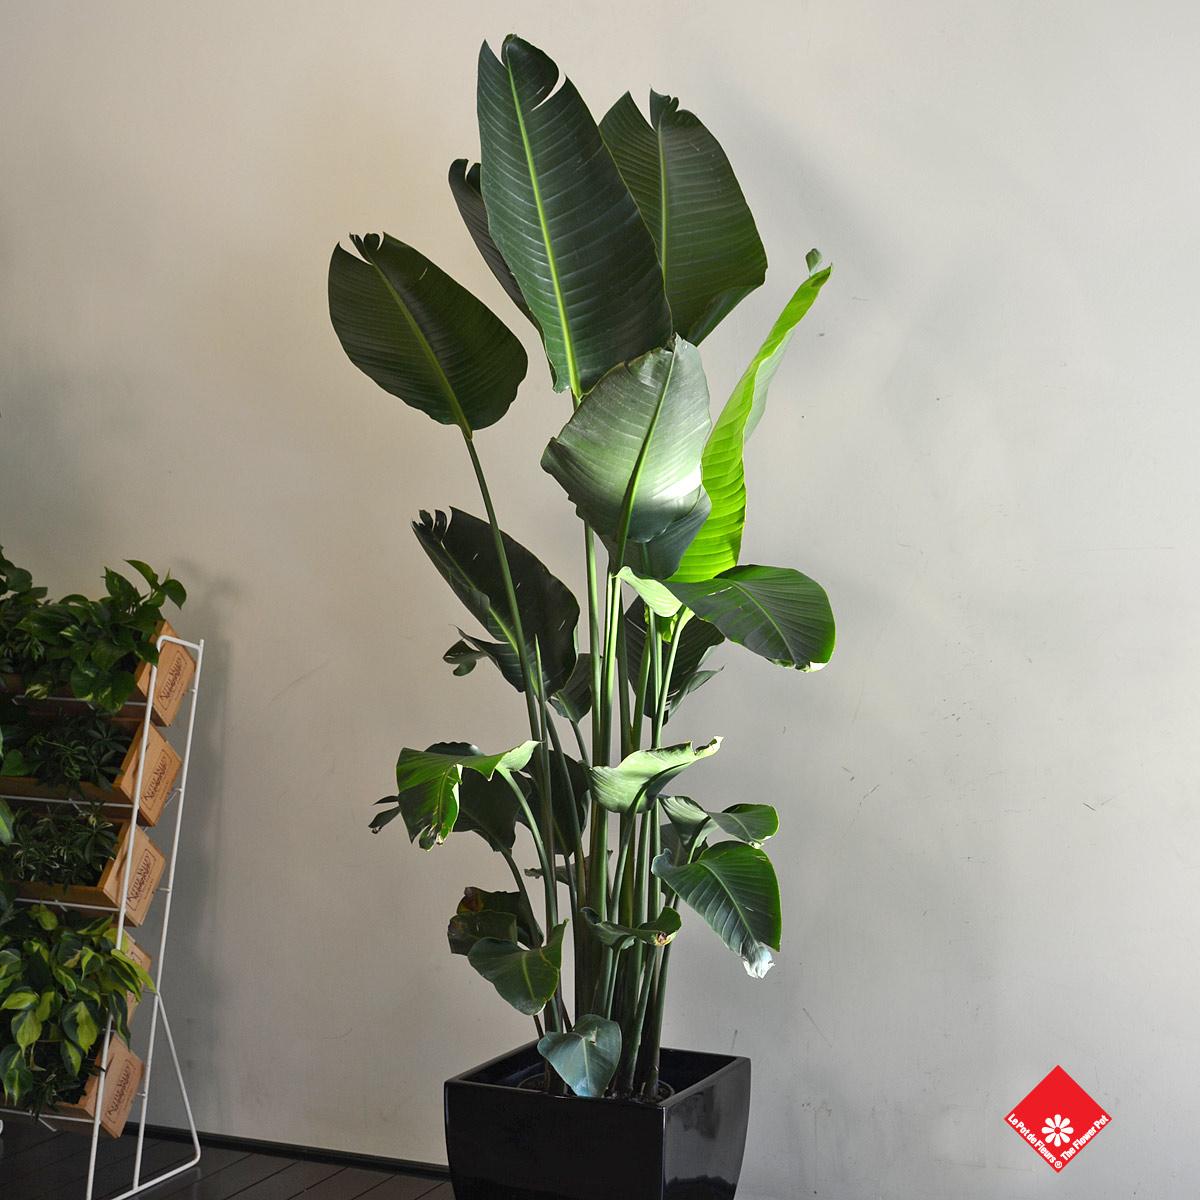 0 salon vert plantes - Oiseau de paradis plante ...